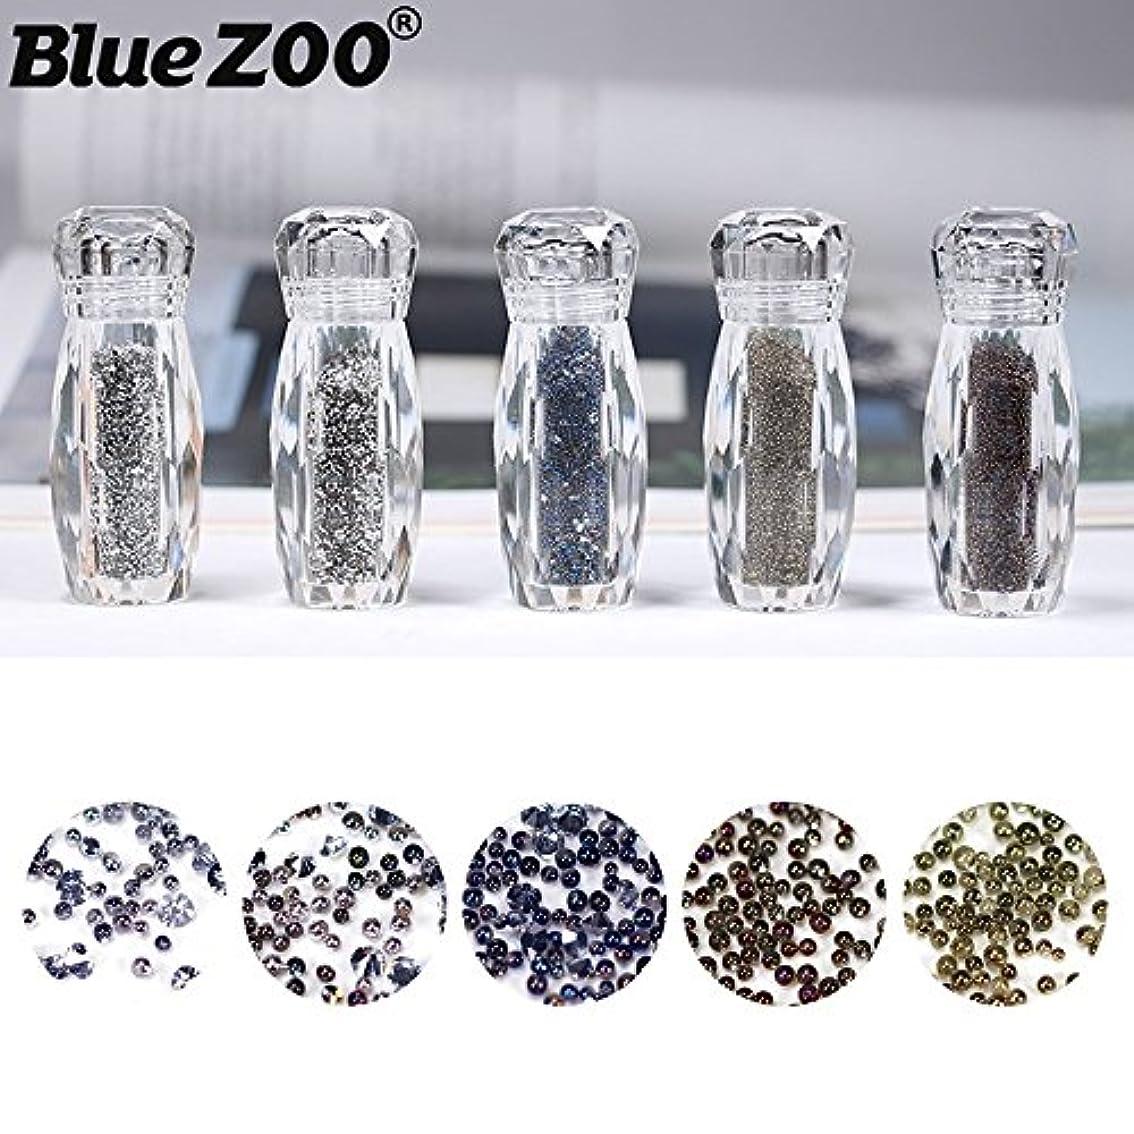 代わりにブームタイプBlueZOO (ブルーズー) メタルカラー5色セット カラフル マジックエルフビーズ ネイルアクセサリー 混合ネイルアート クリスタルサンド マイクロ カット ダイヤモンド